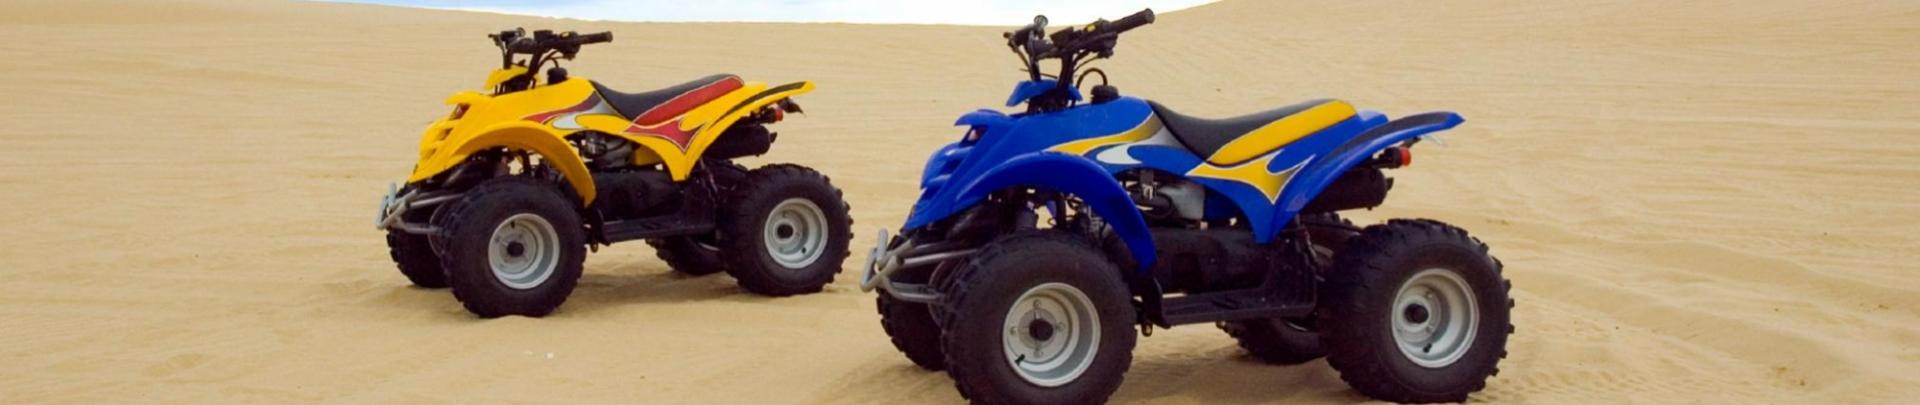 Staan twee quad,s in de woestijn